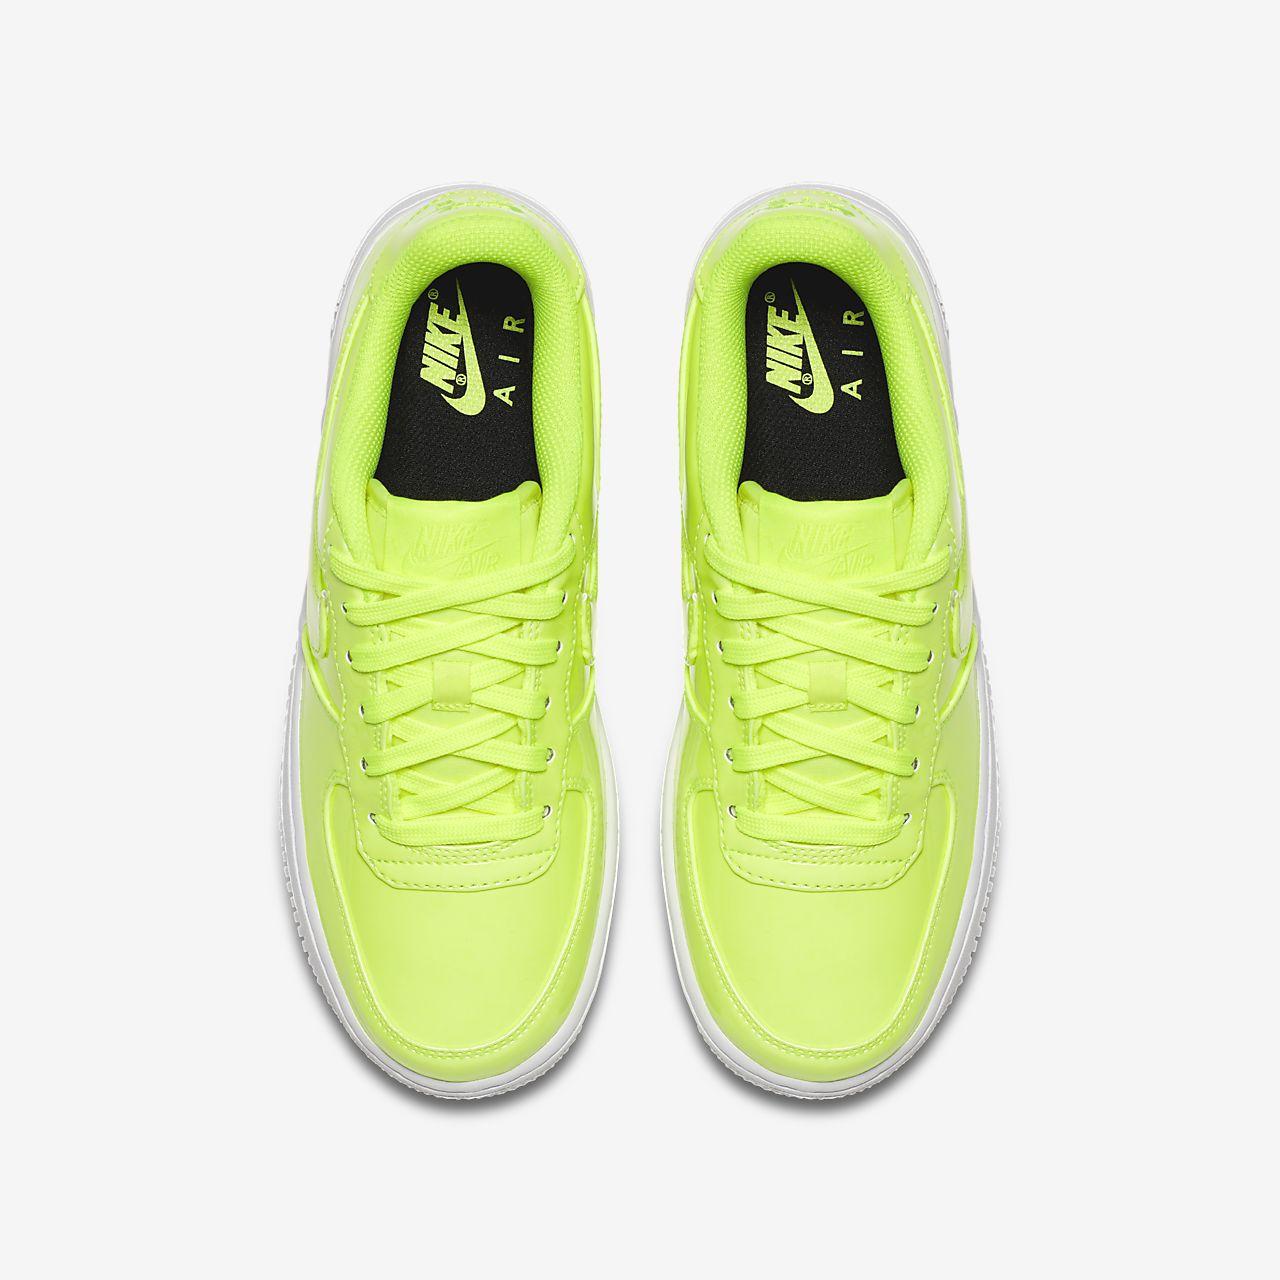 ... Nike Air Force 1 LV8 UV Big Kids' Shoe